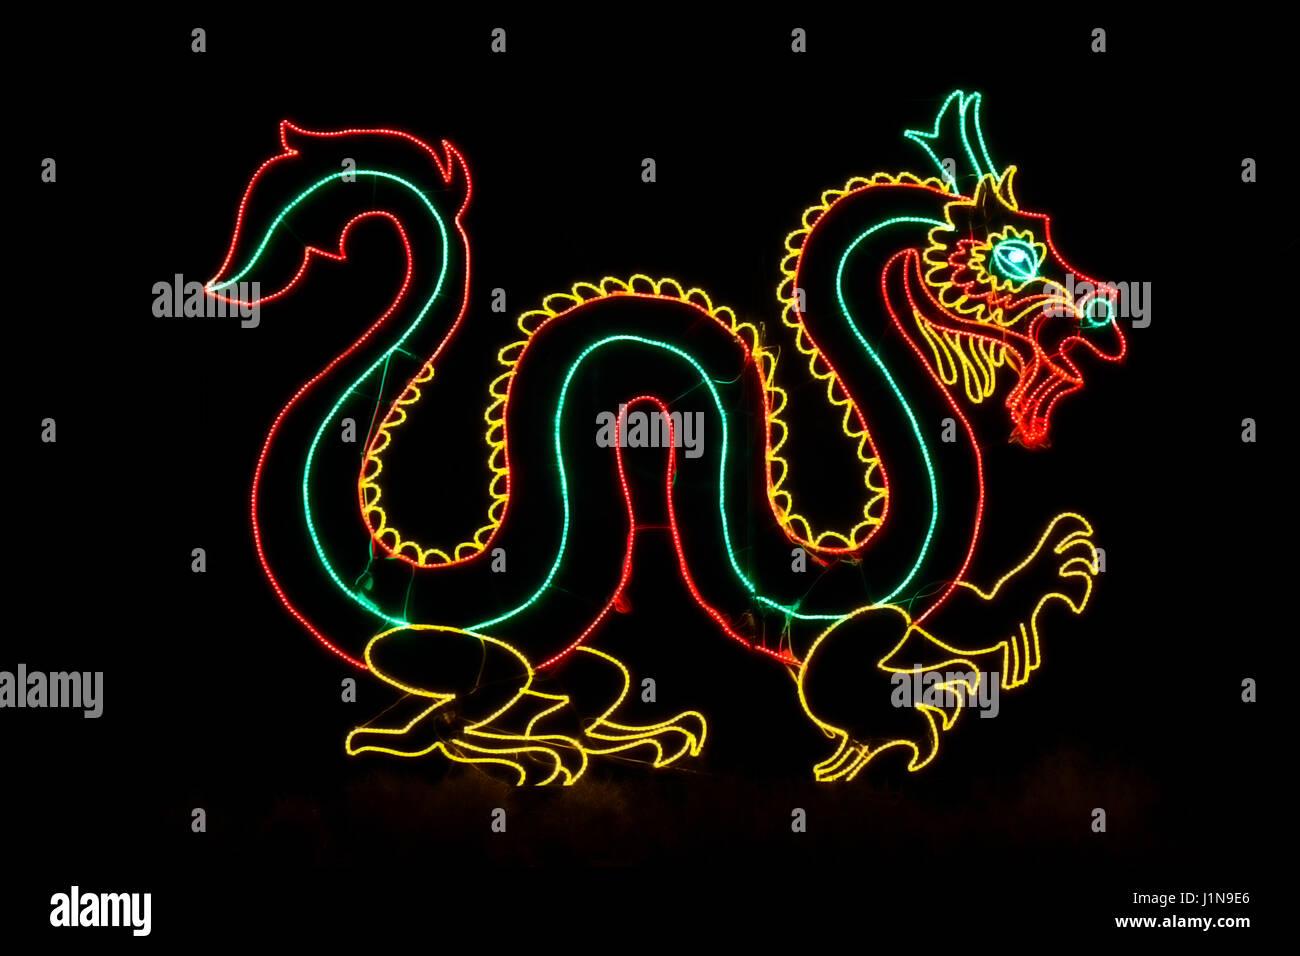 Christmas lights shaped like a dragon, Denver Zoo Lights, Denver Zoo, Denver, Colorado USA - Stock Image